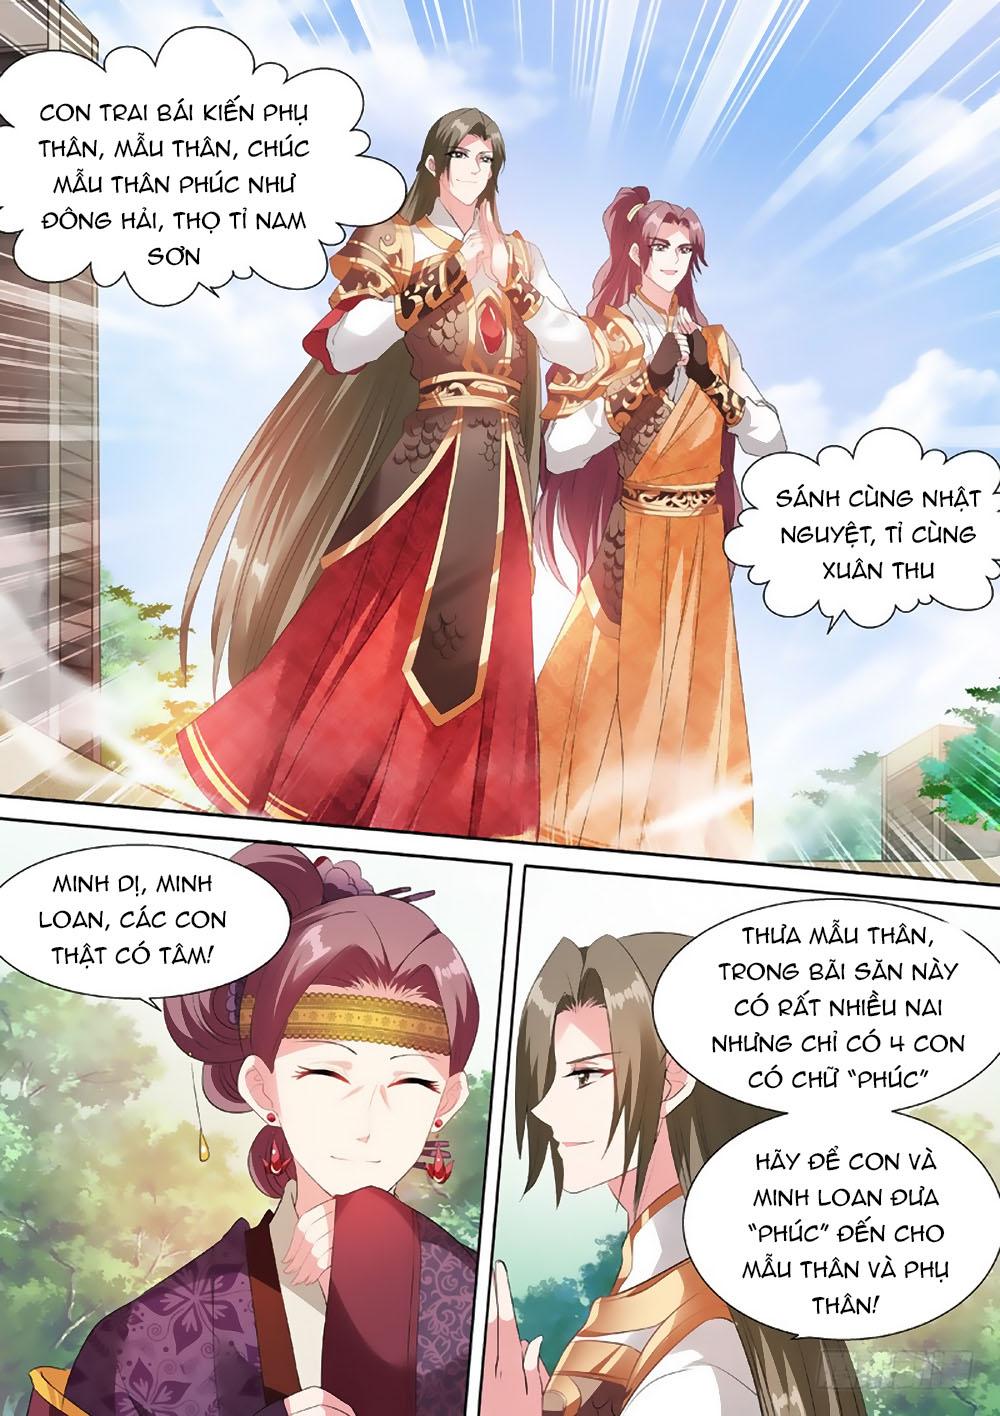 Hệ Thống Chế Tạo Nữ Thần chap 59 - Trang 6